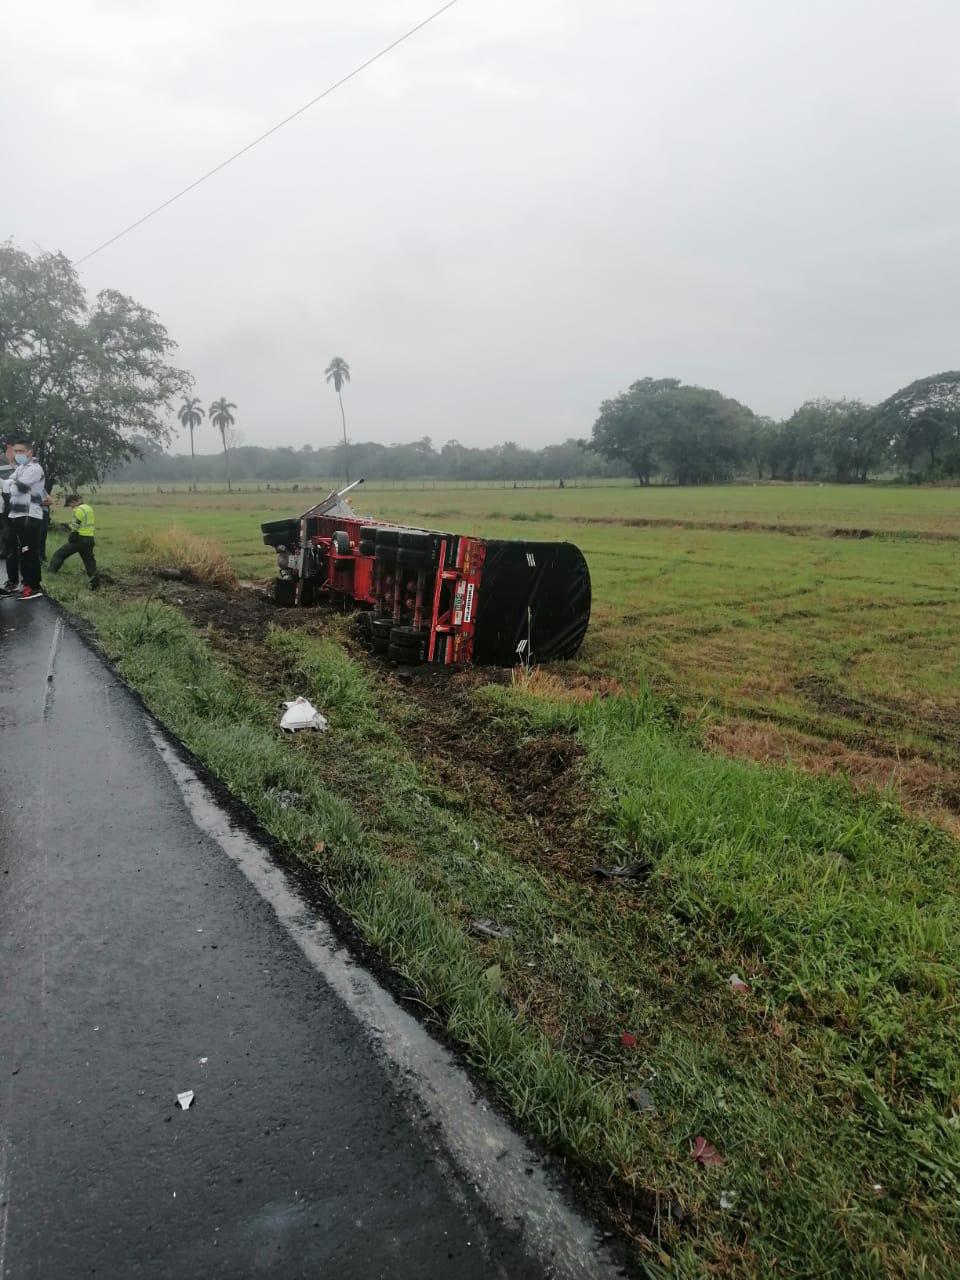 Fotos y video: Cuatro heridos dejó choque entre una van de Rápido Tolima y un tractocamión